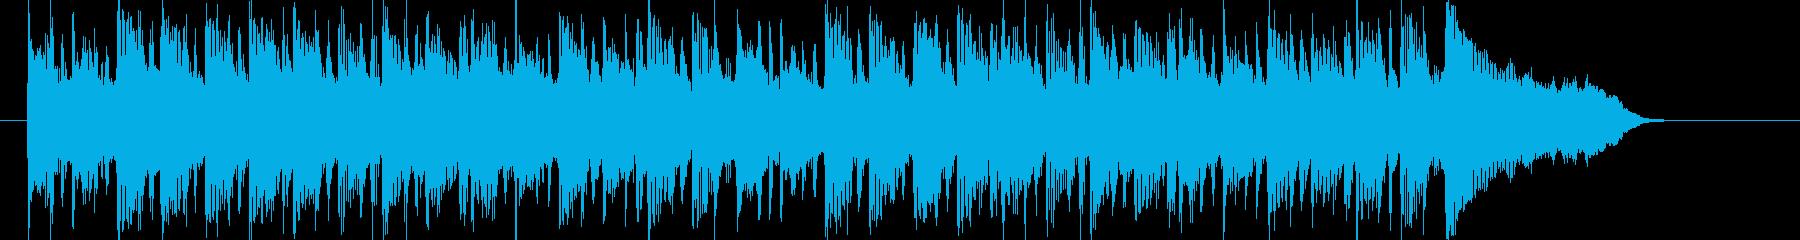 流れるような穏やかなポップスの再生済みの波形